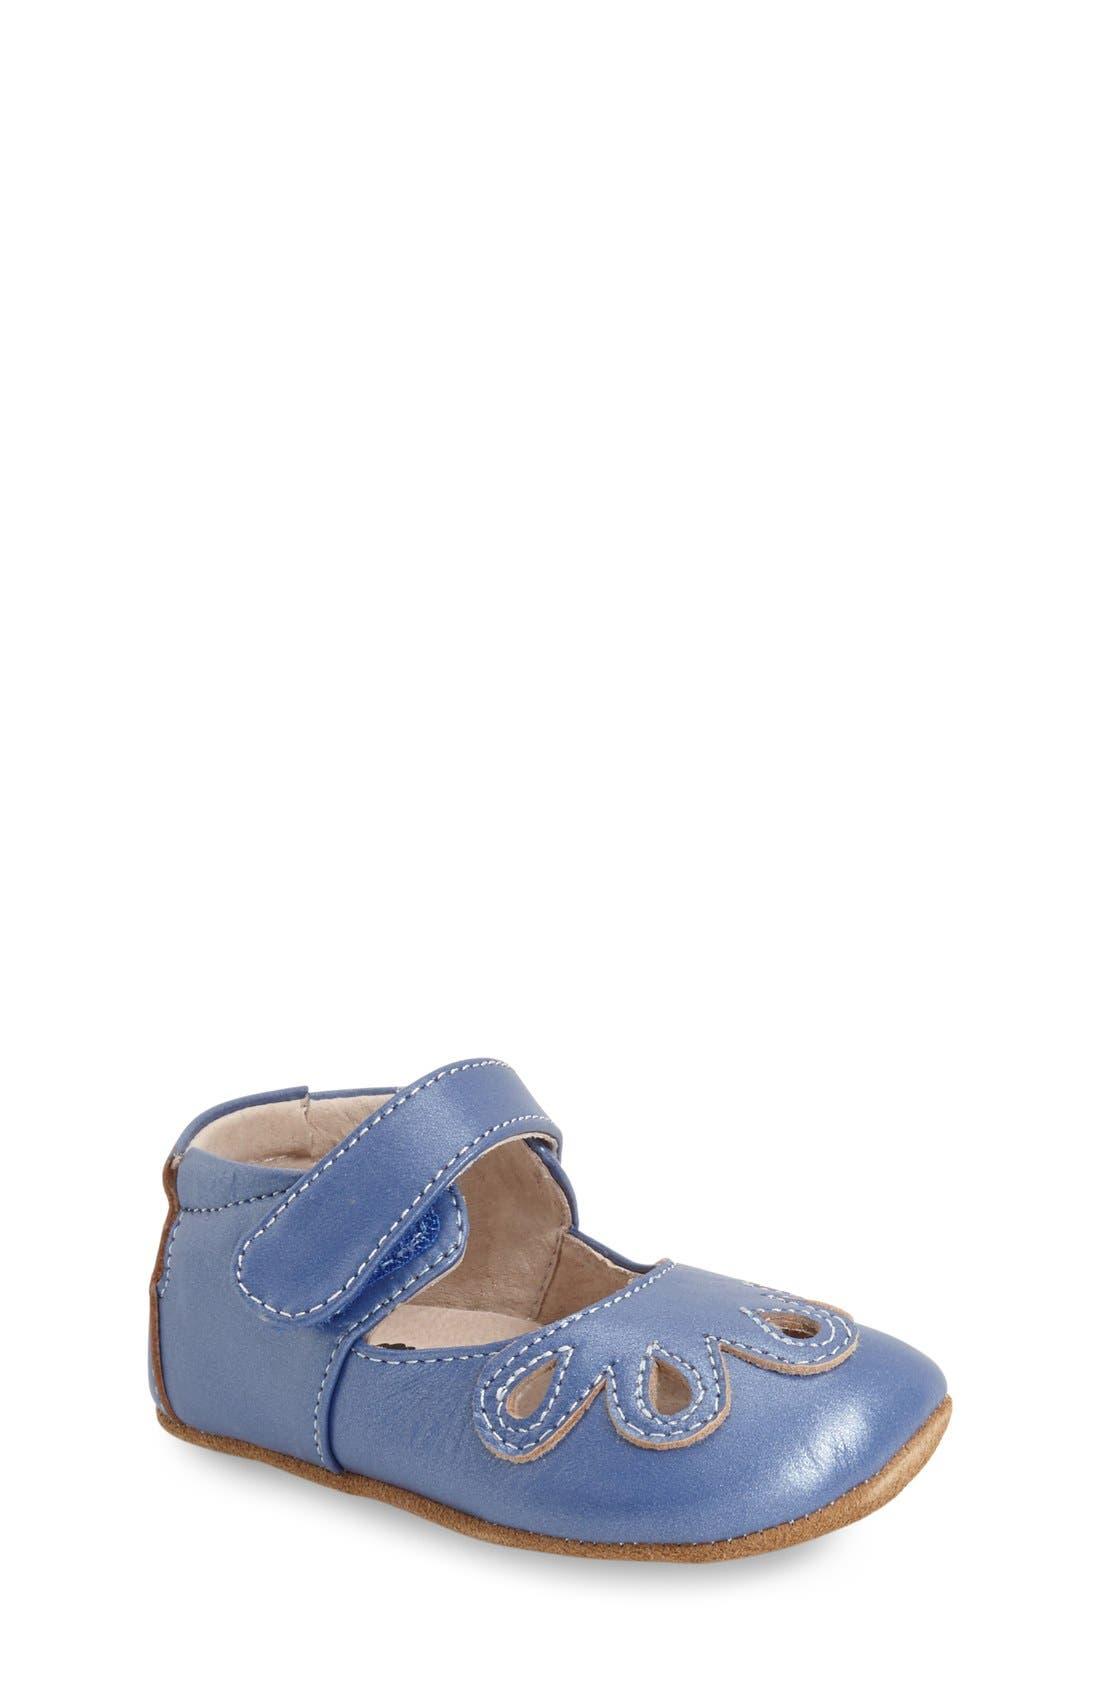 'Petal' Mary Jane Crib Shoe,                             Main thumbnail 3, color,